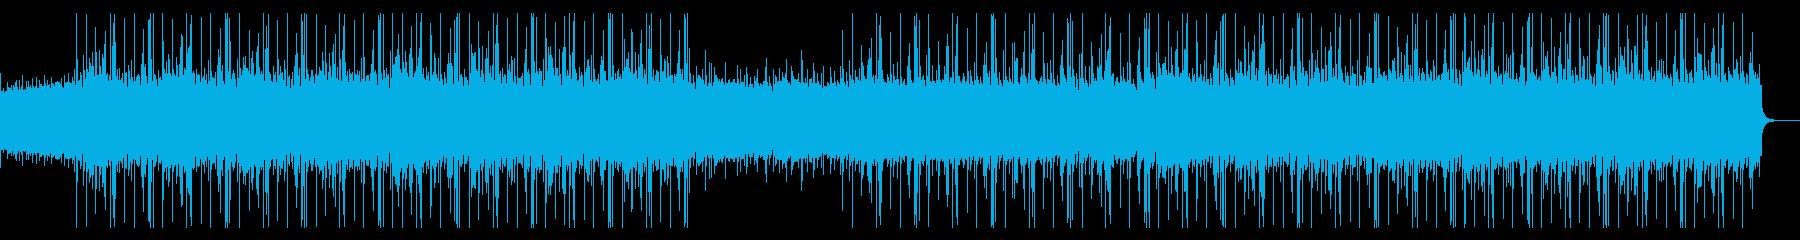 暖かい クリスマス ローファイビートの再生済みの波形